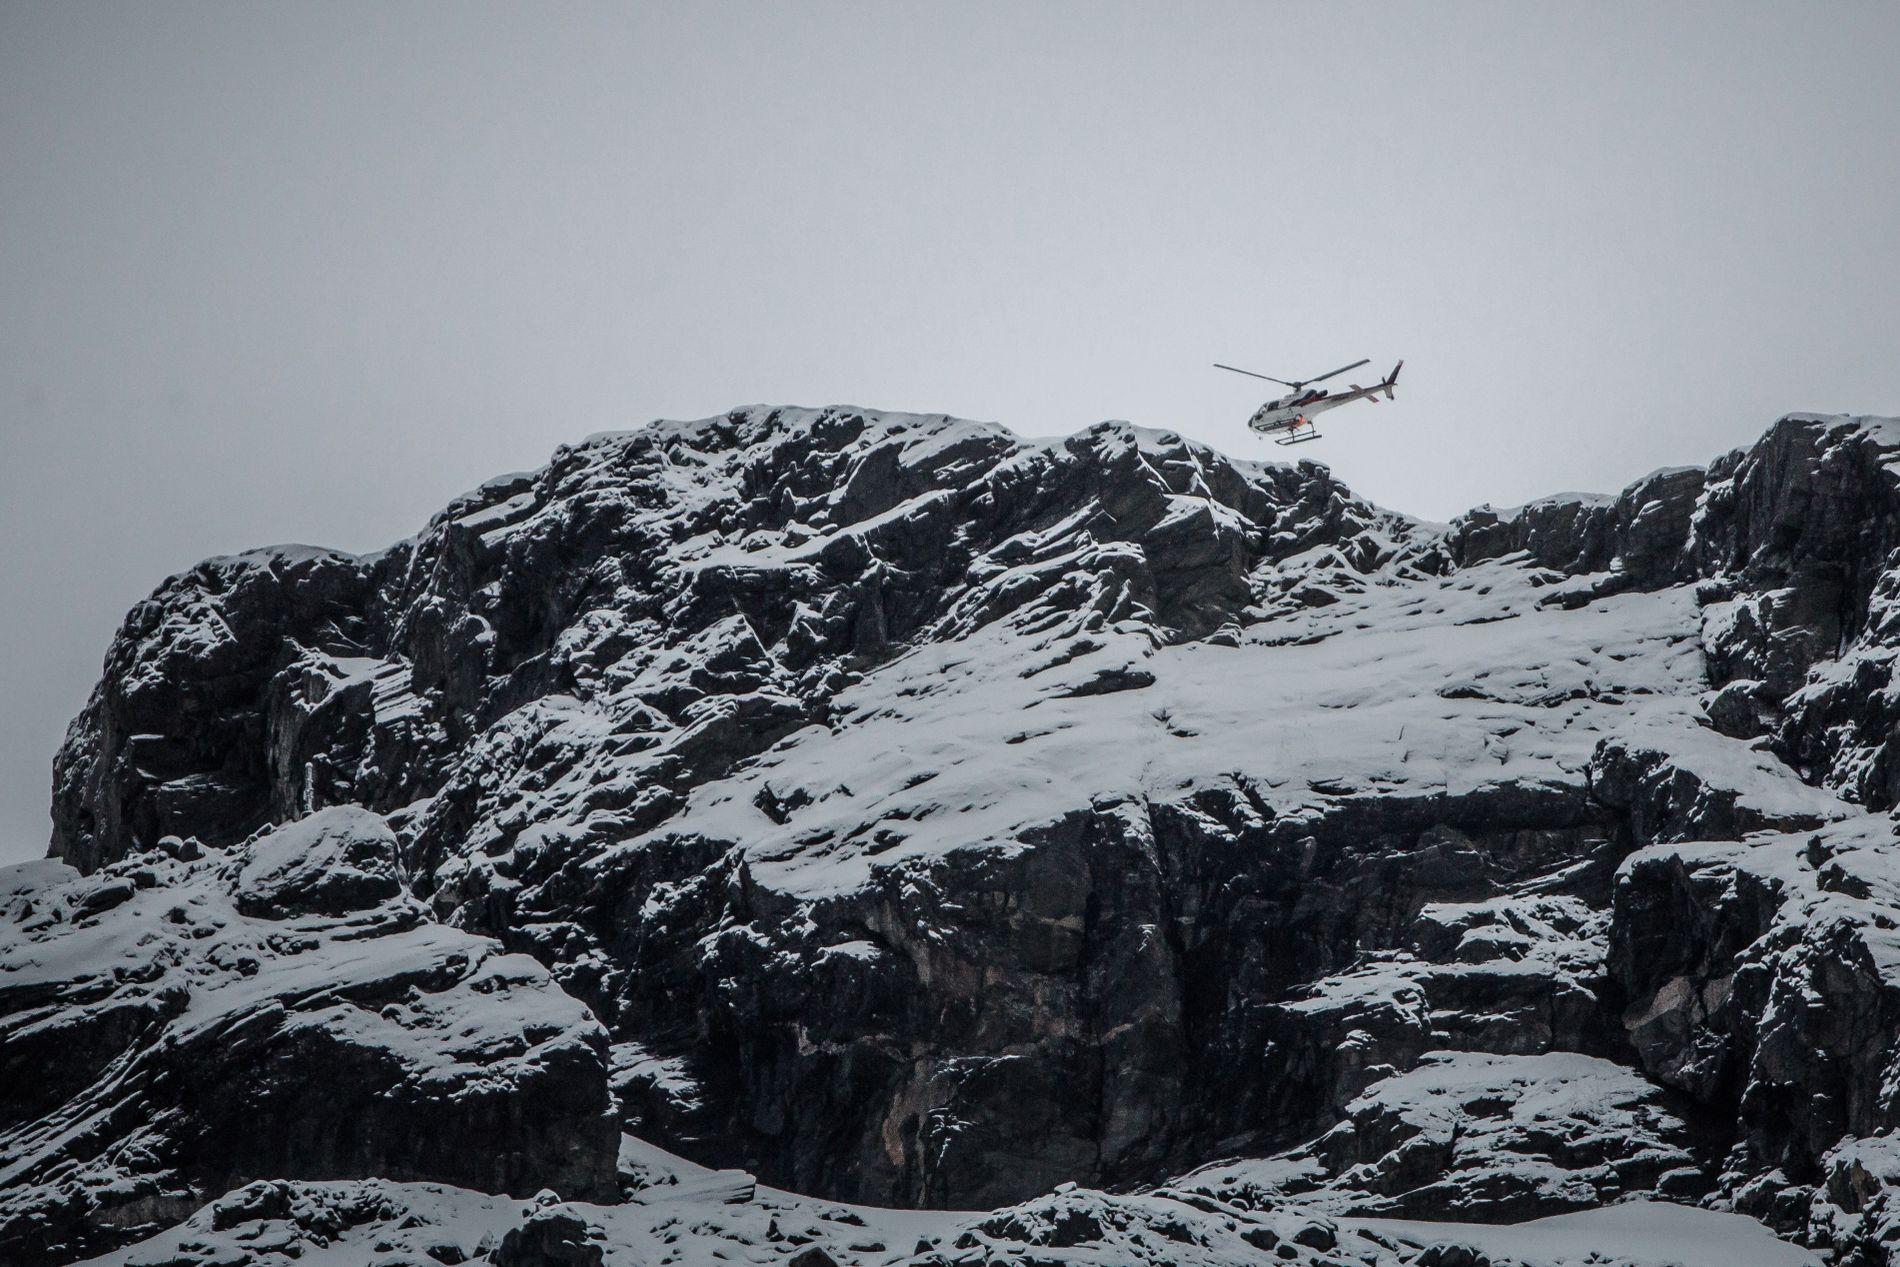 GJENGANGER: Beboerne under fjellområdet Mannen har gjentatte ganger blitt evakuert på grunn av høy rasfare.